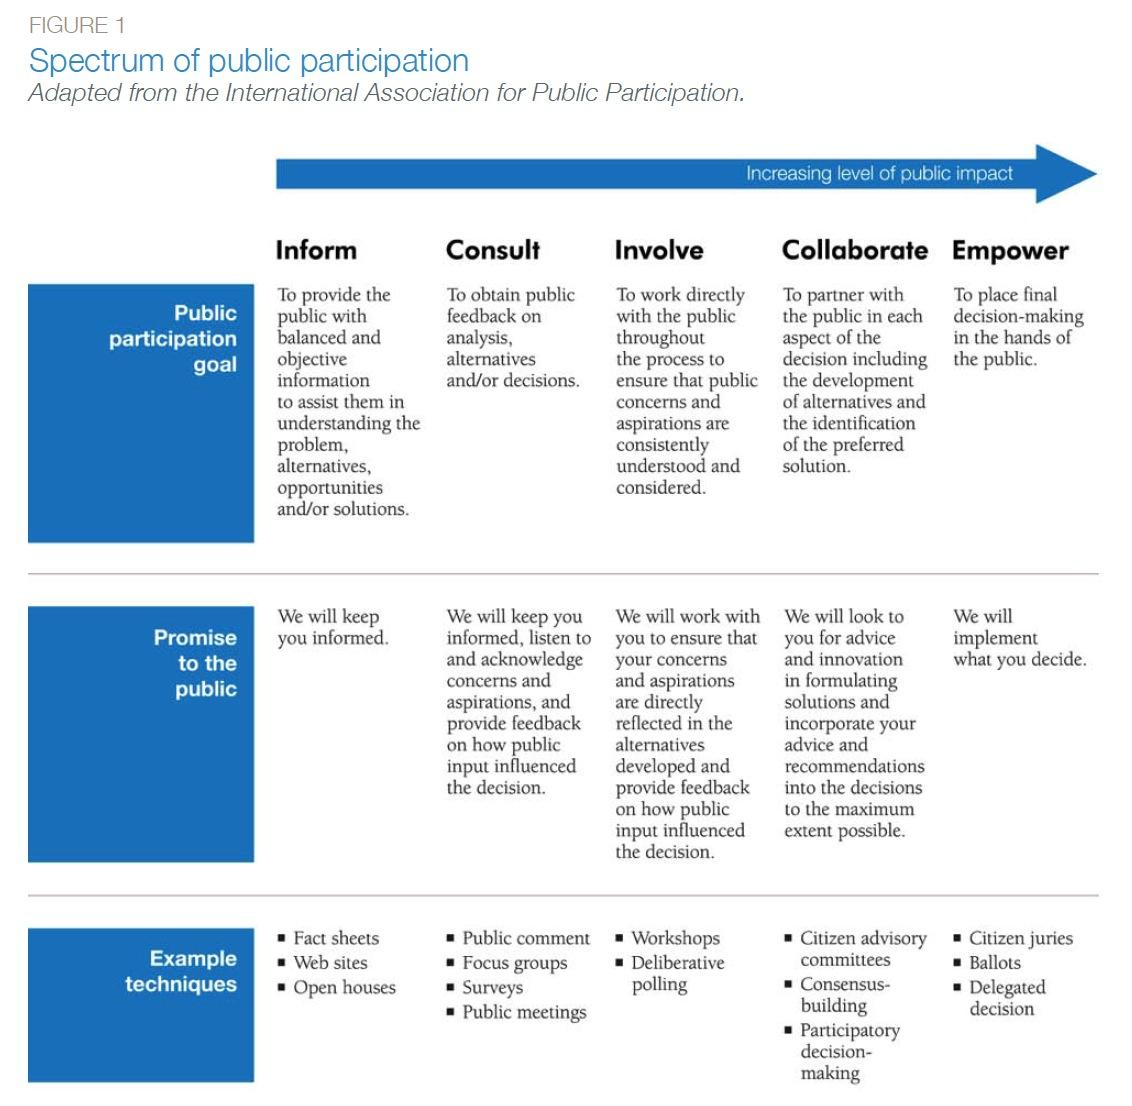 Figure 1: Spectrum of public participation